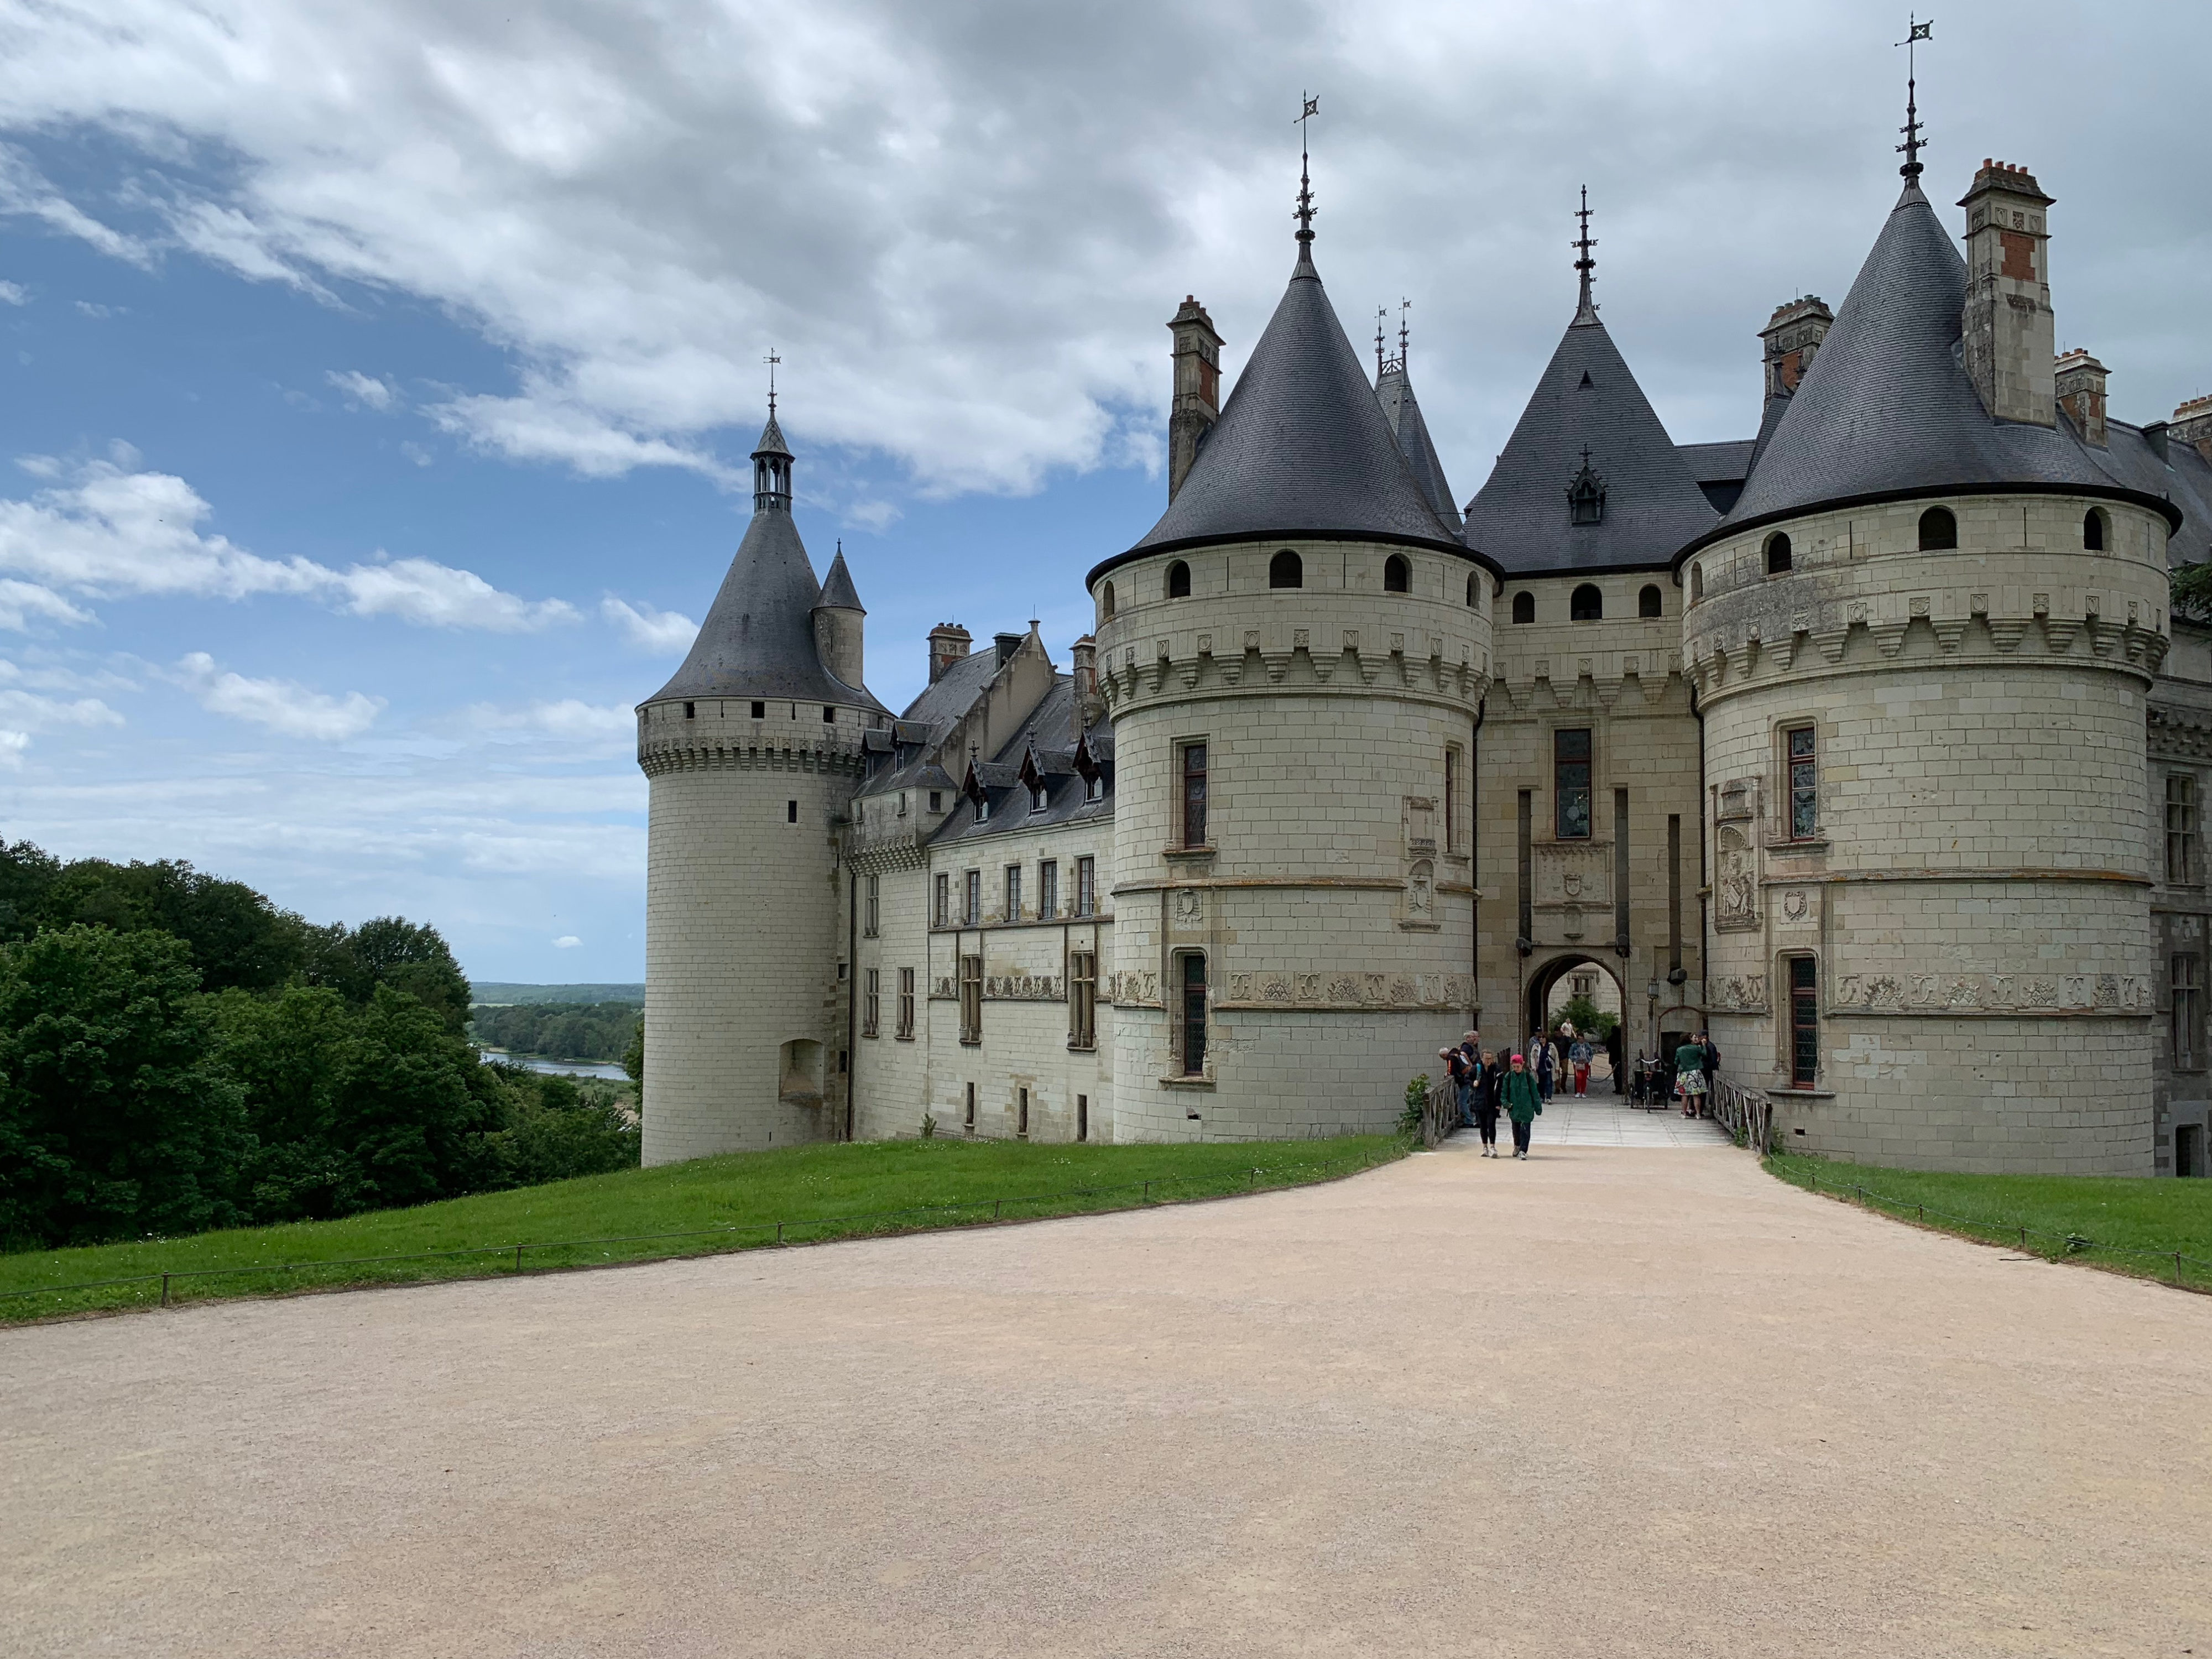 Chaumont, das wehrhafte Schloss über der Loire mit mächtigen Schutztürmen